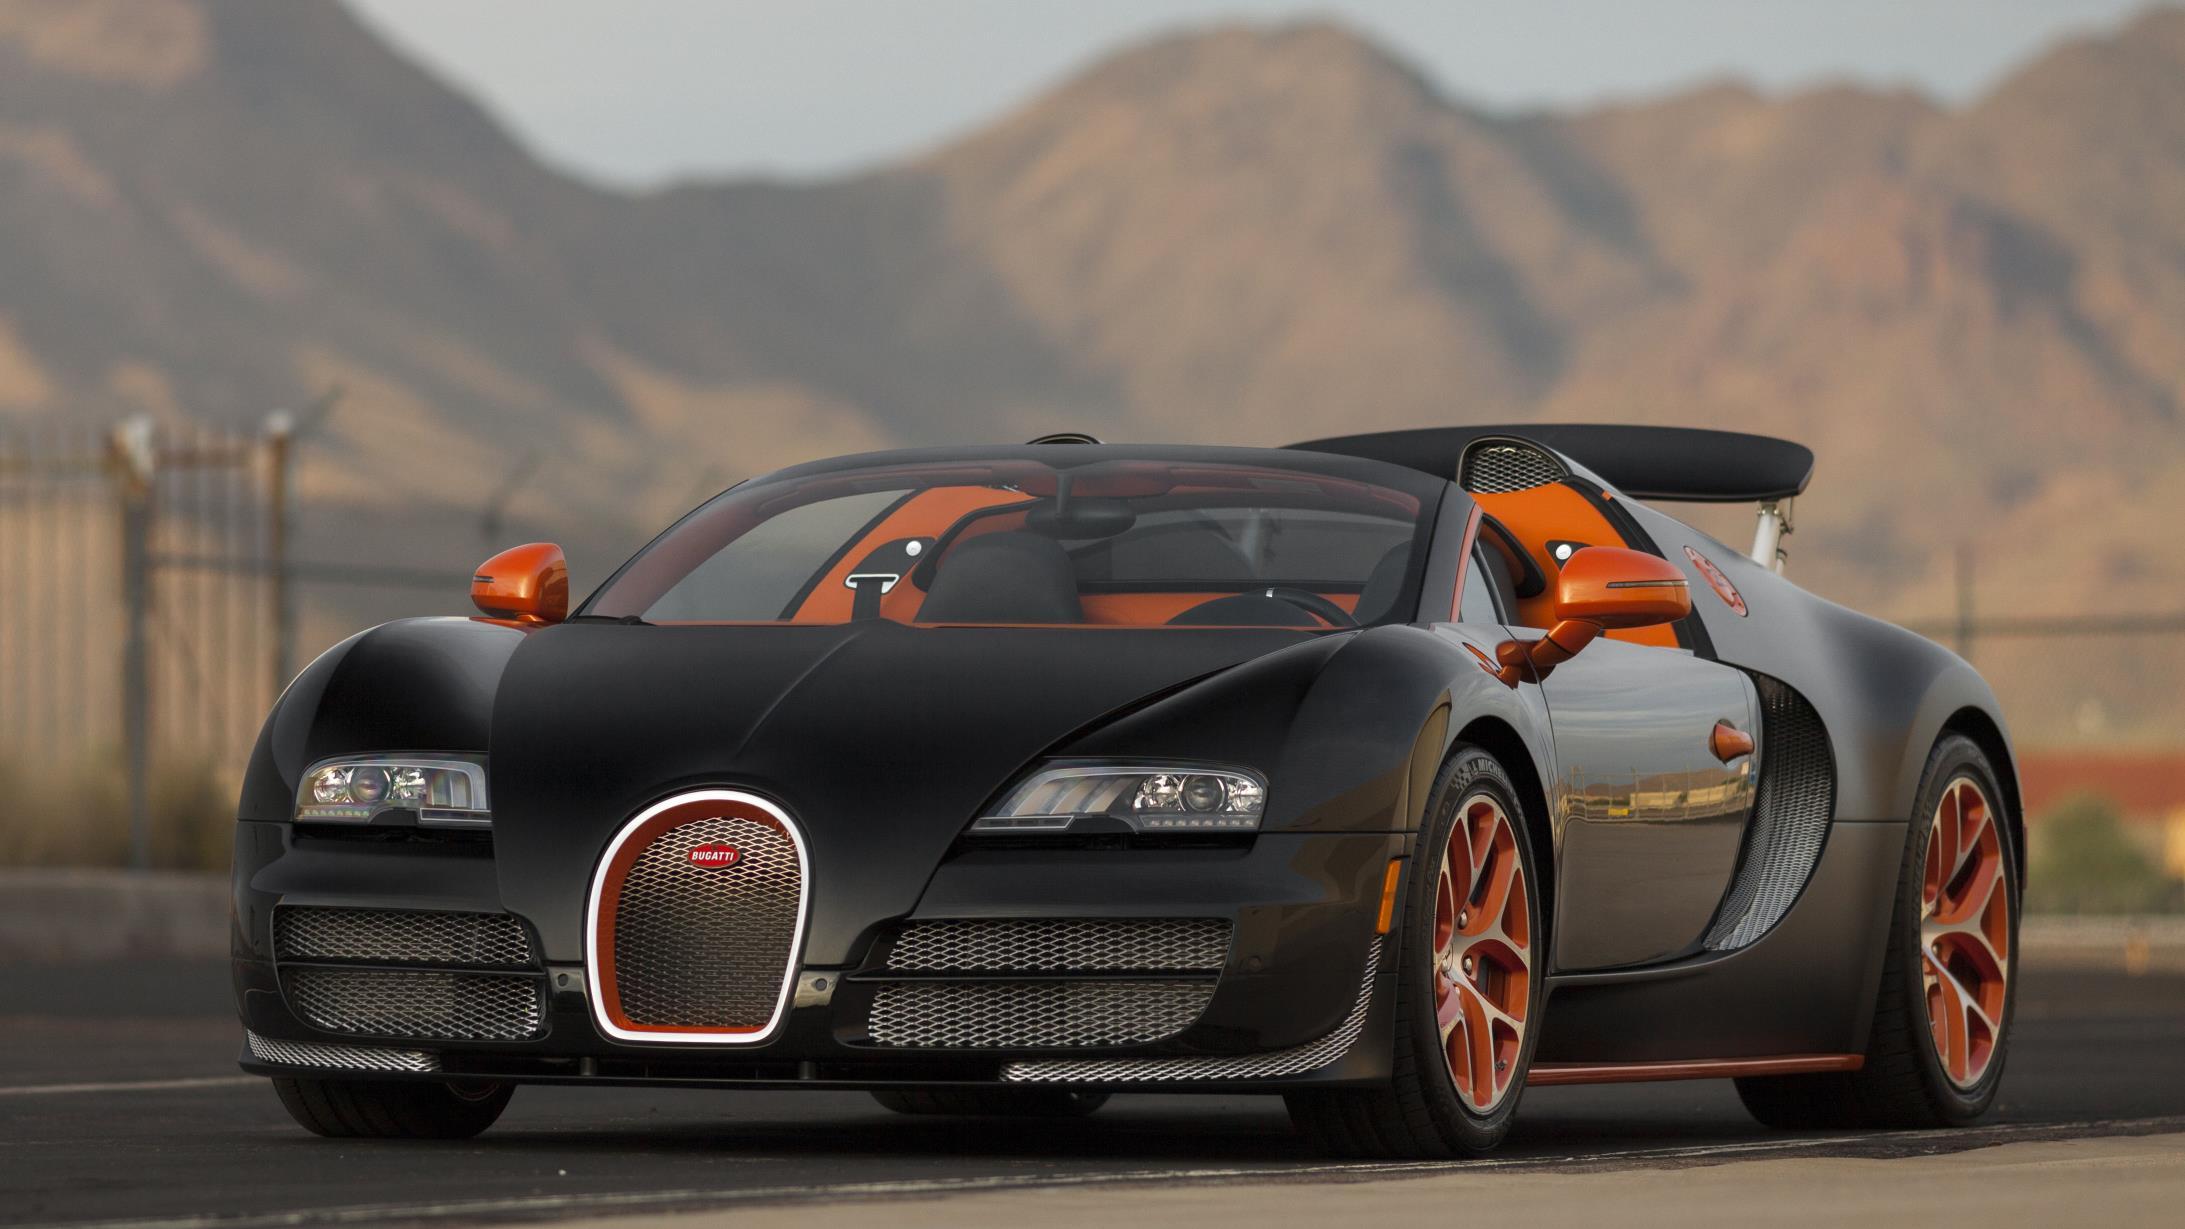 Dünyanın En Pahalı 5 Spor Arabası Silivri Tv Silivri Tv